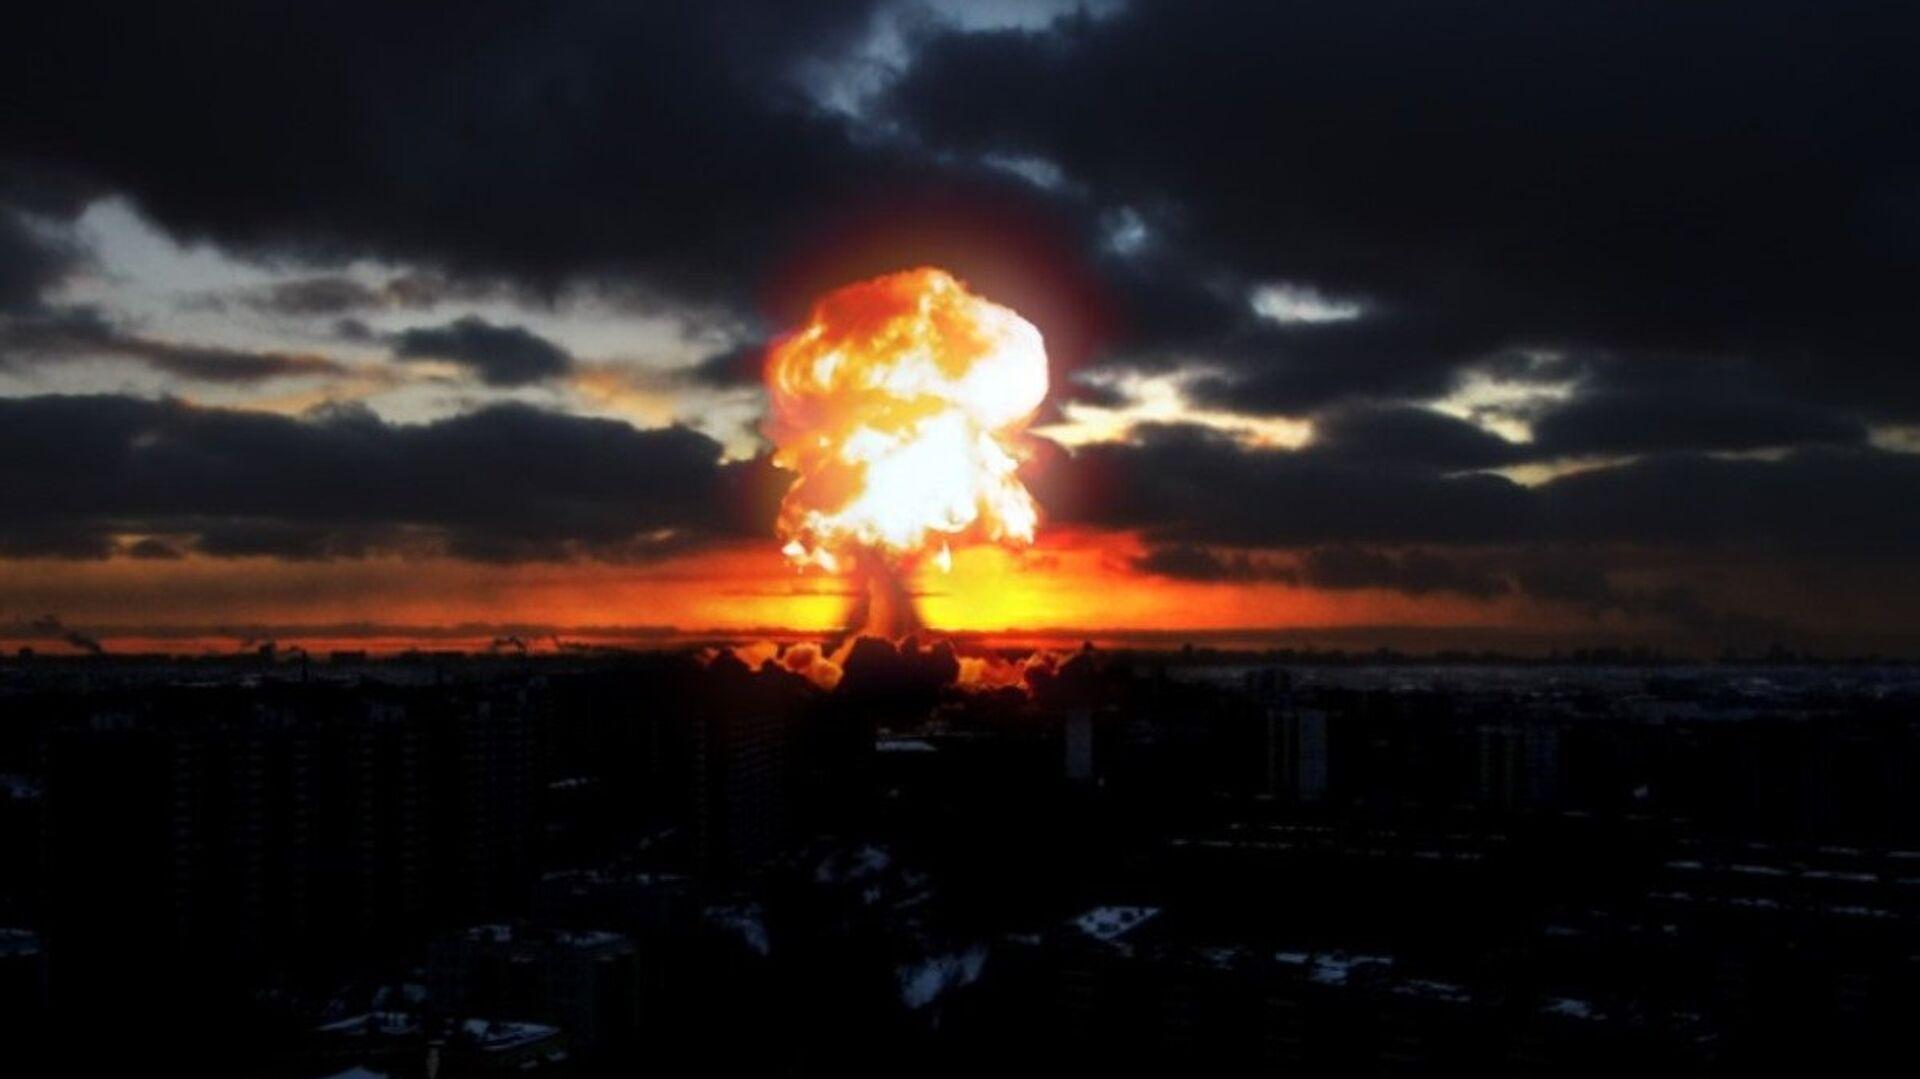 Una explosión en una ciudad, imagen referencial - Sputnik Mundo, 1920, 17.11.2018